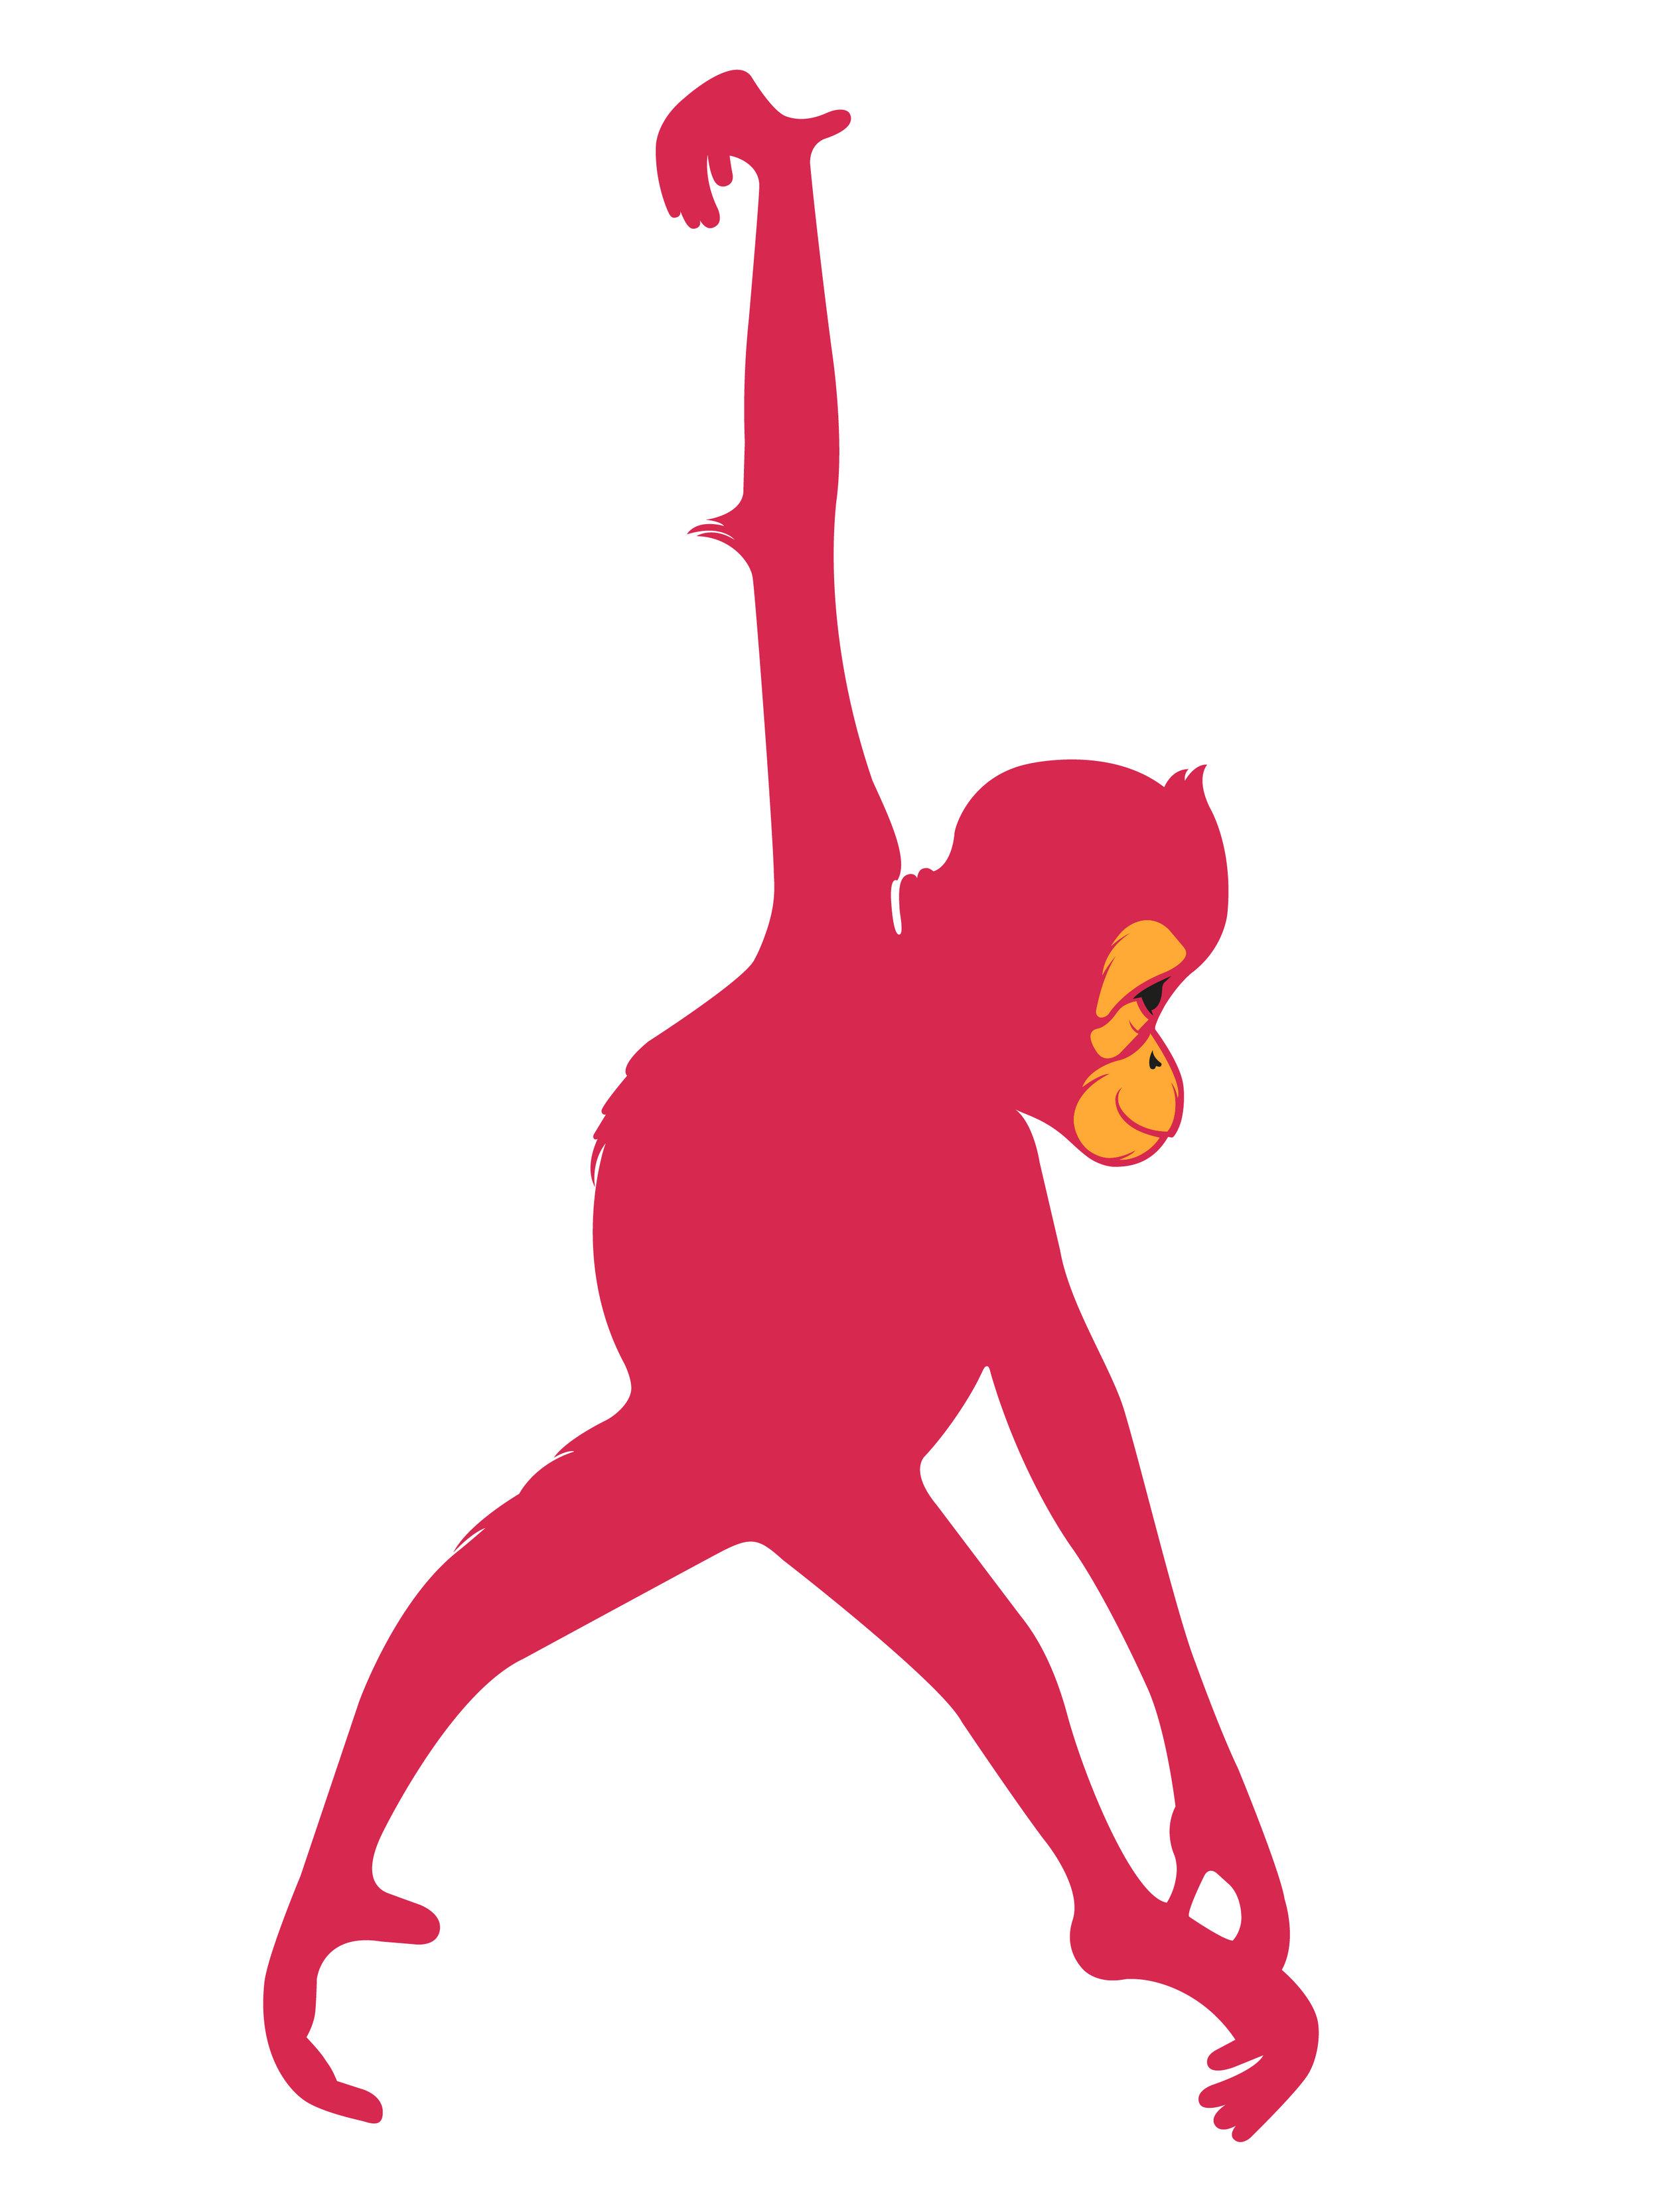 personaje orangutan.jpg